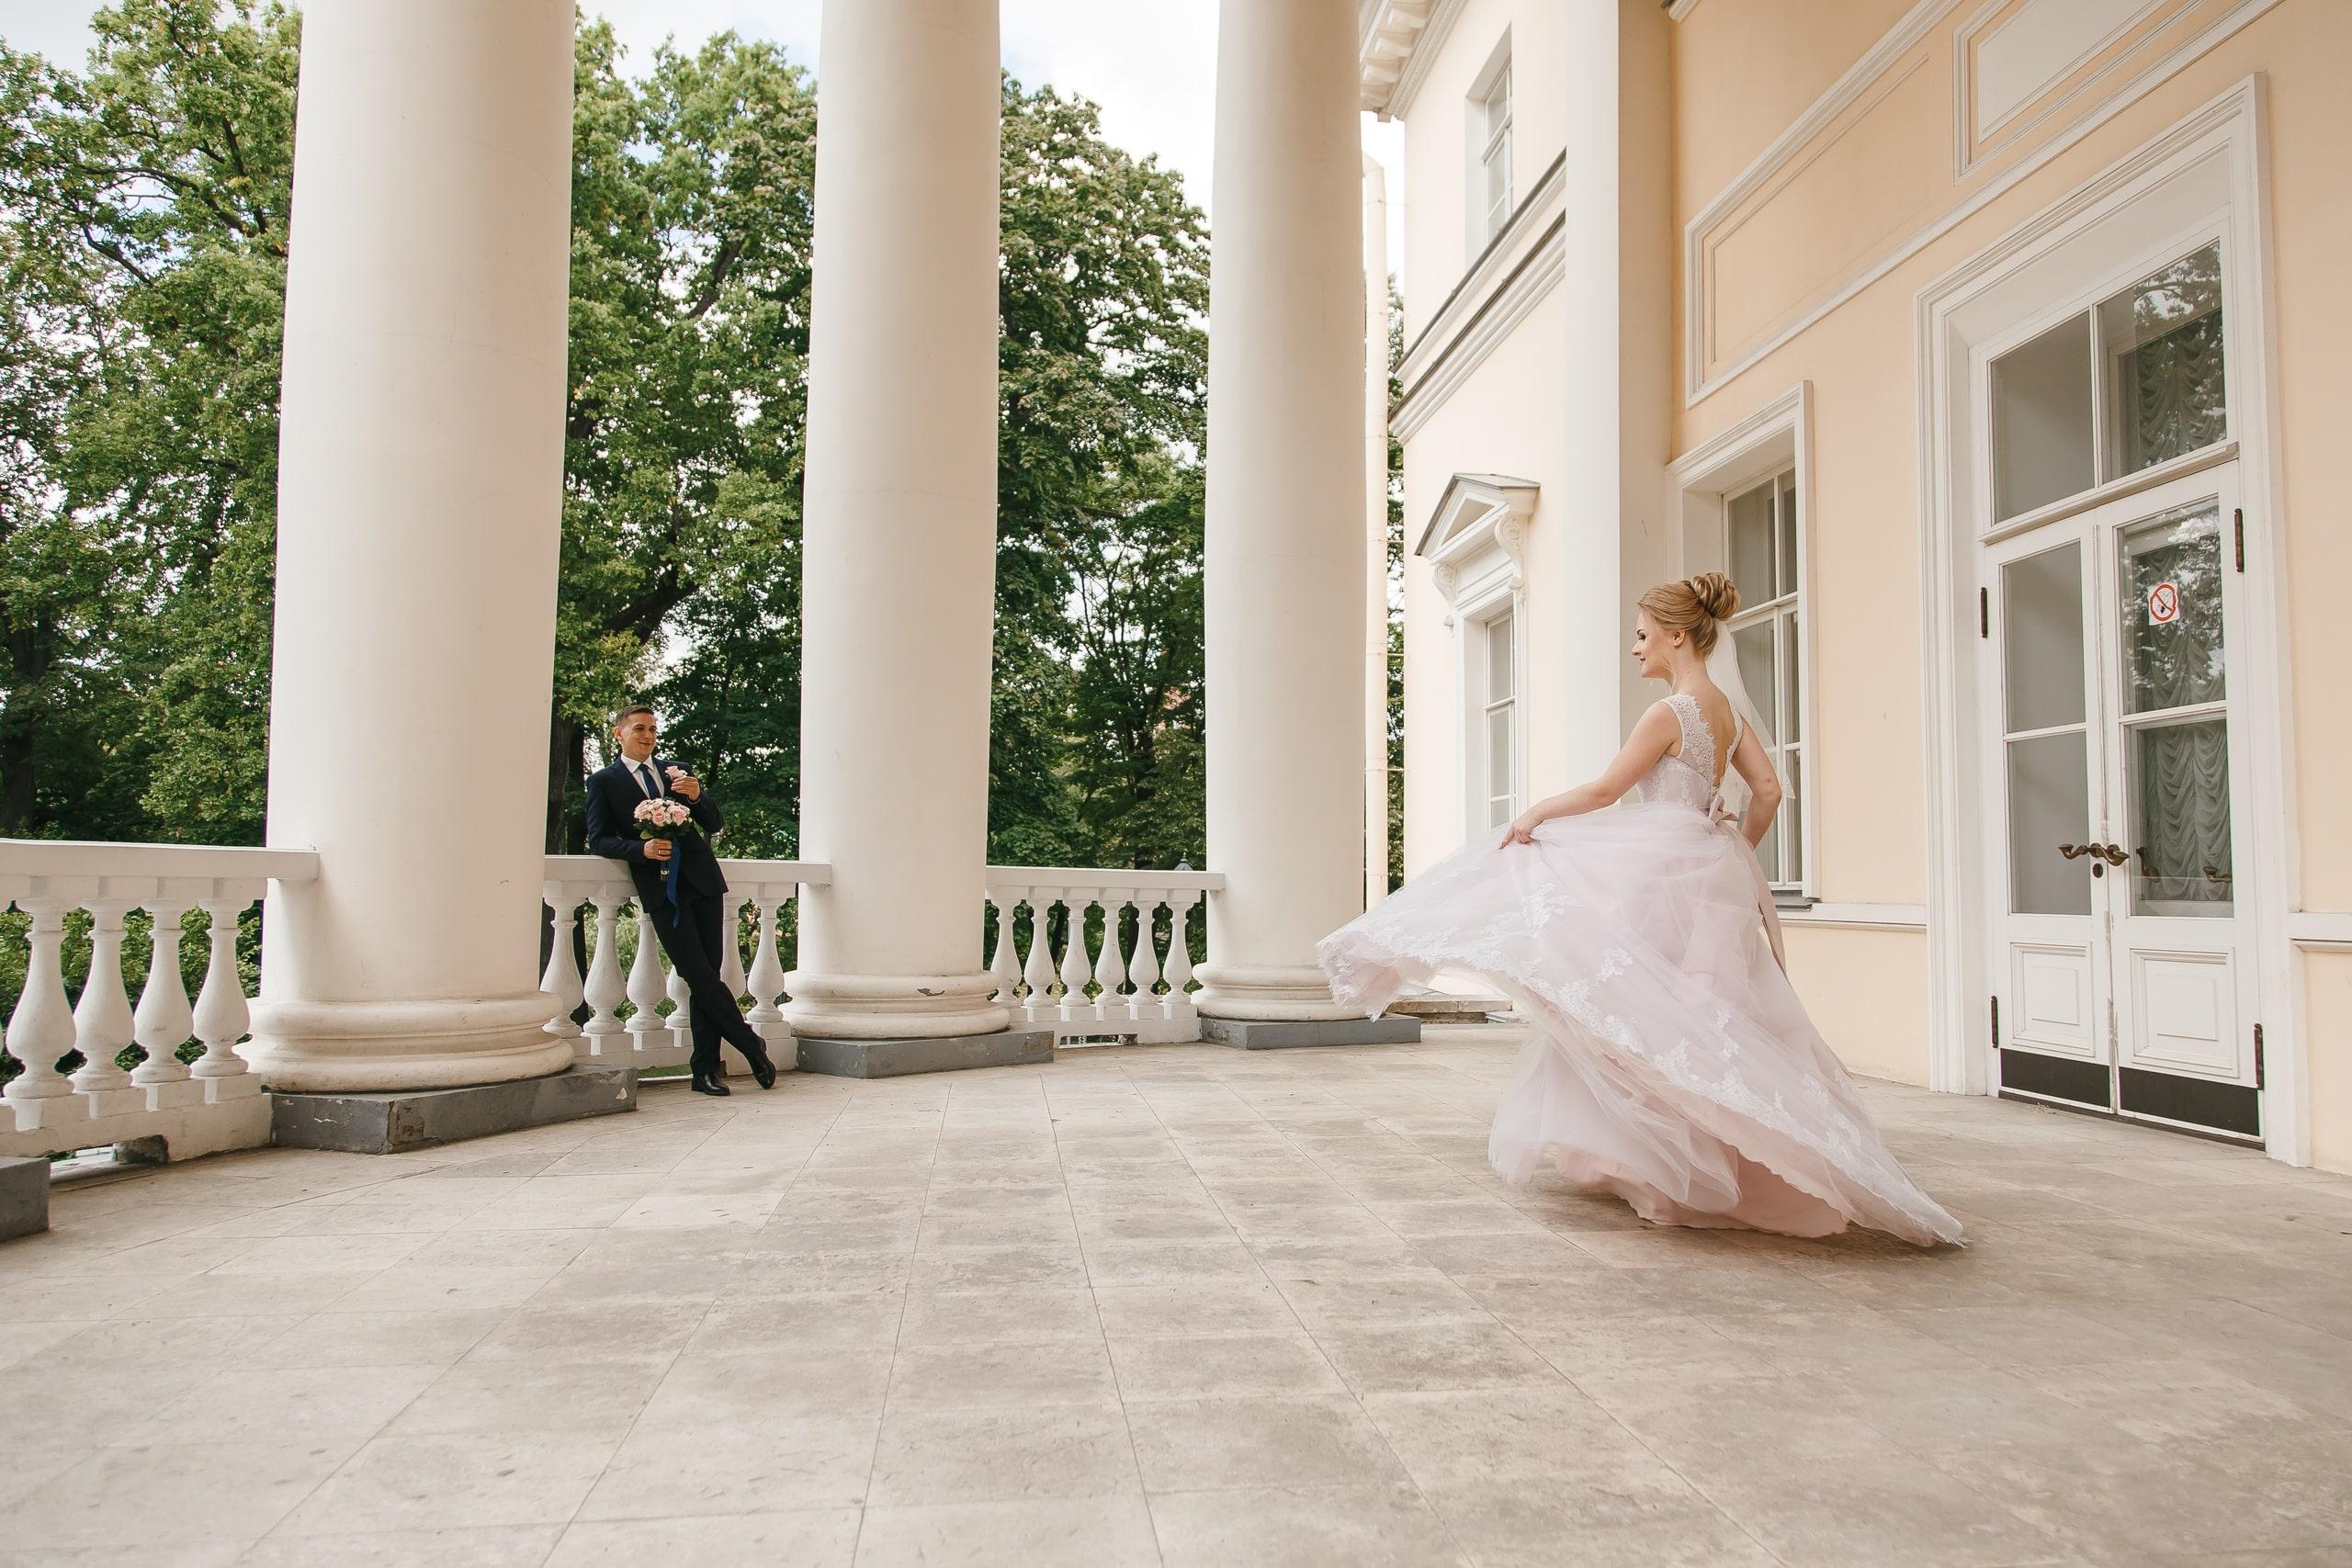 Дворец Бракосочетания №3 (г. Пушкин) интерьер